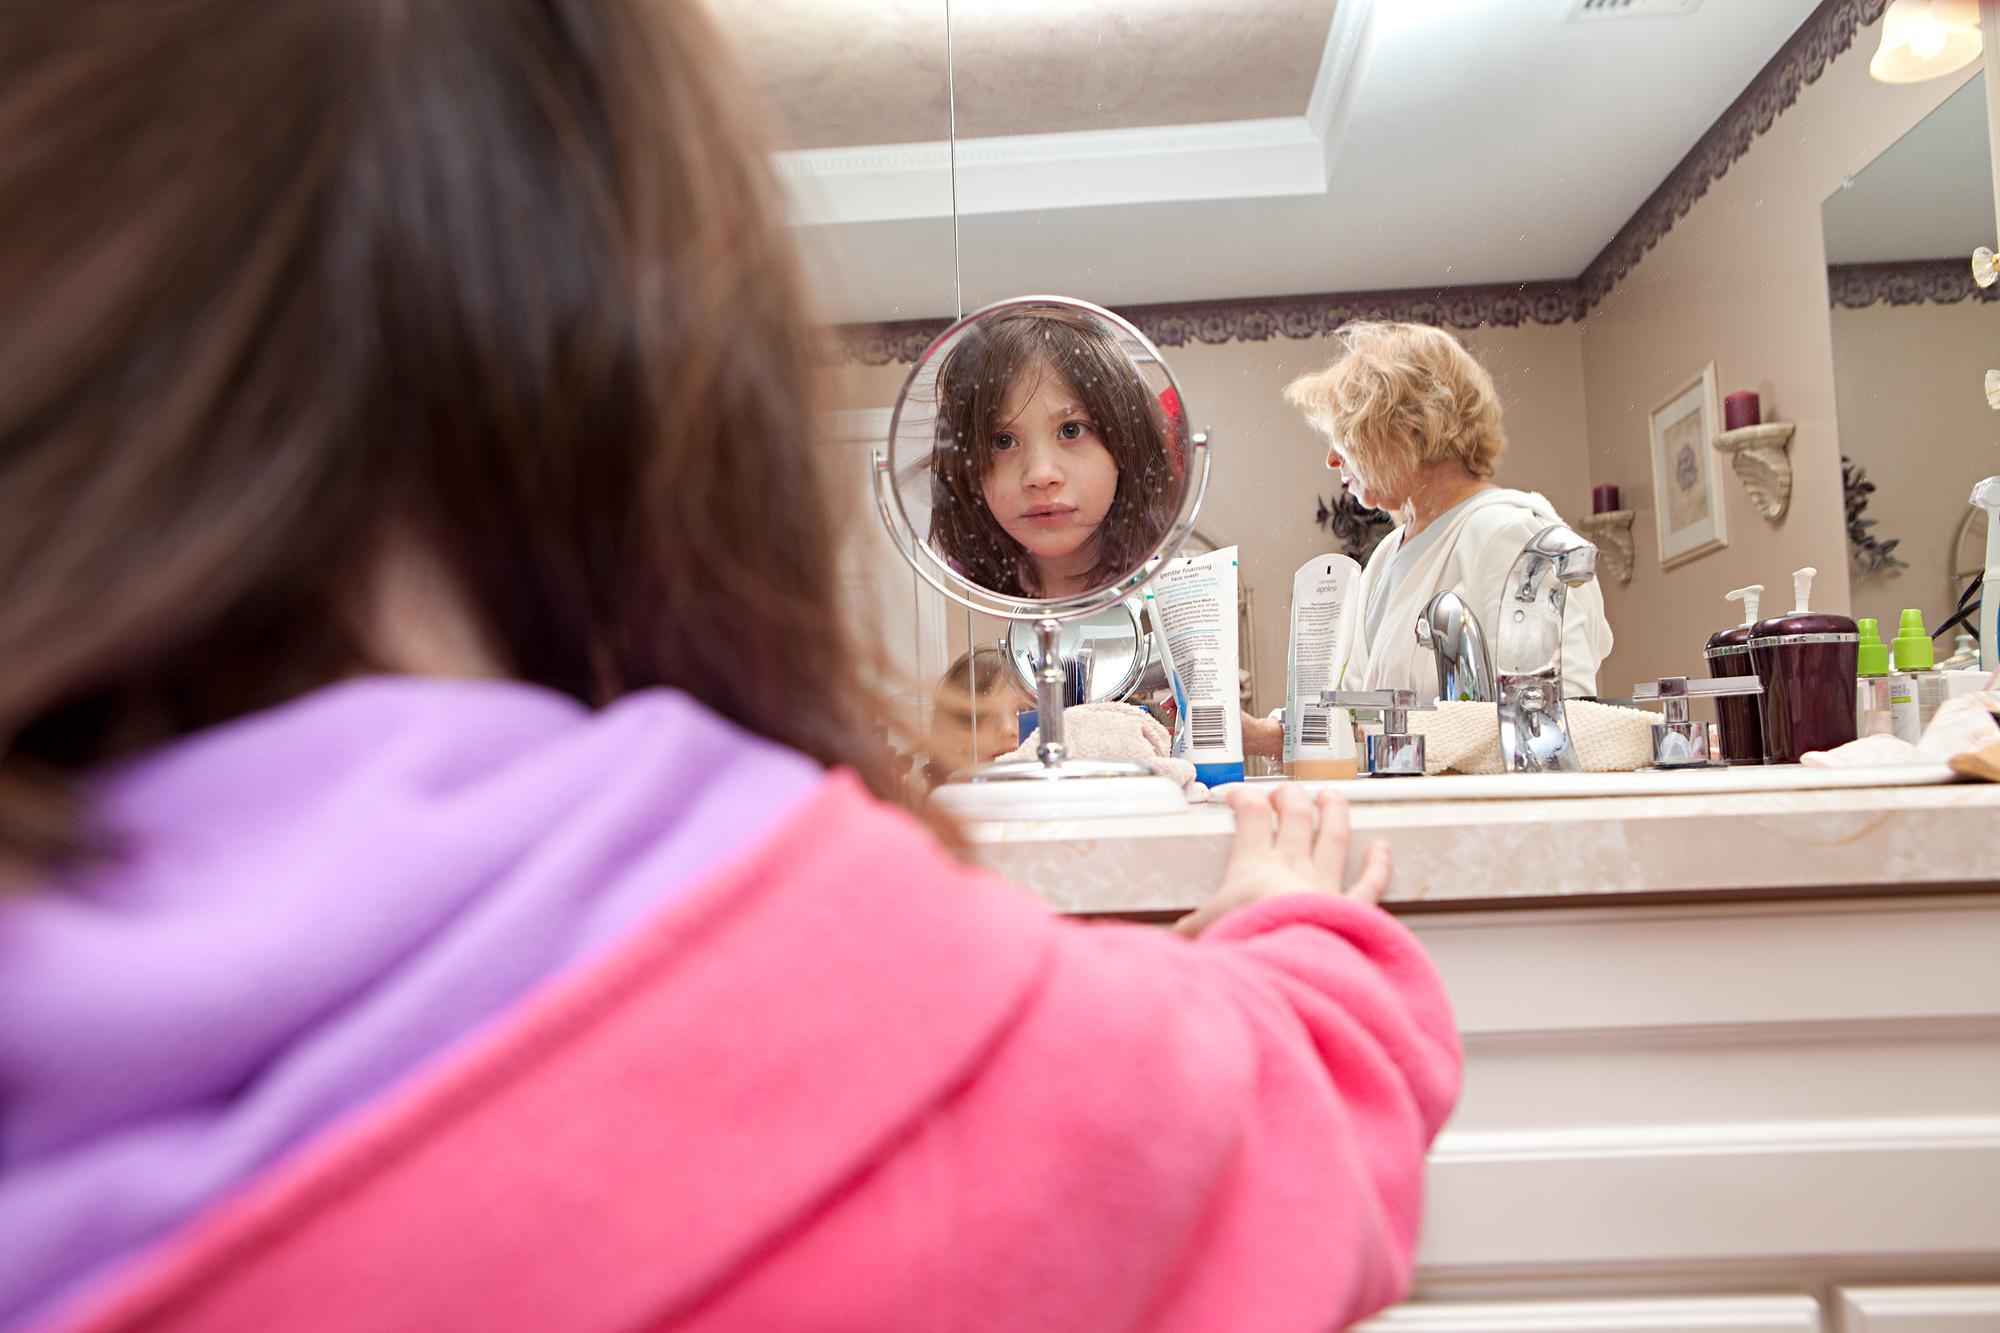 CareyKirkella_julia_mom_bathroom_8753.jpg